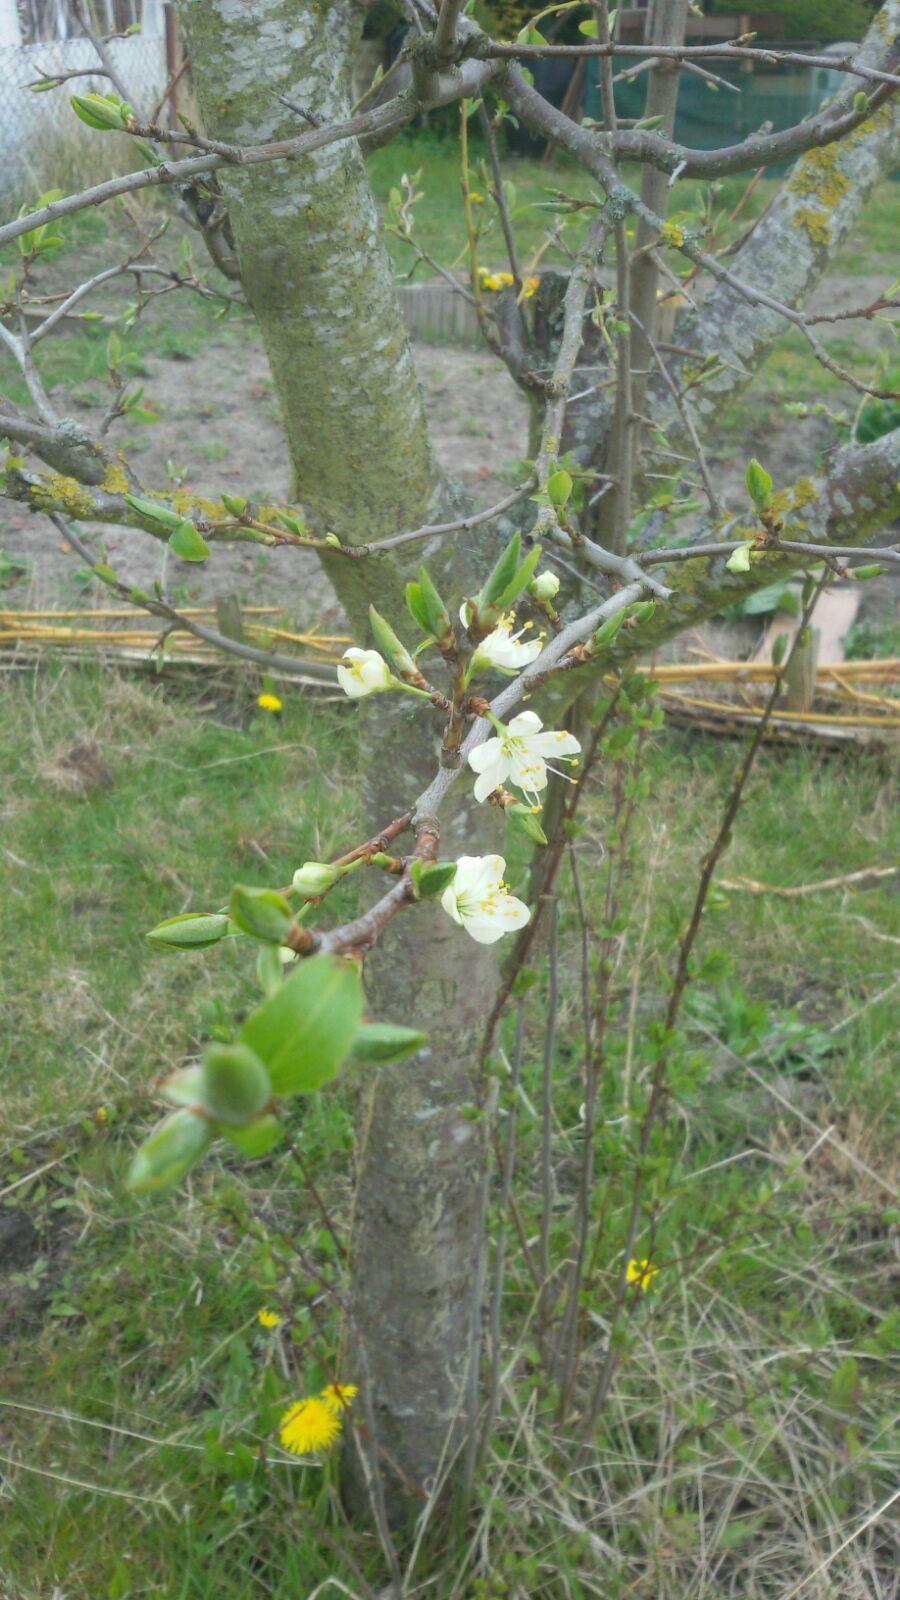 Die Frühblüher spriessen und auch die ersten Obstbäume blühen. Es wird Frühling!